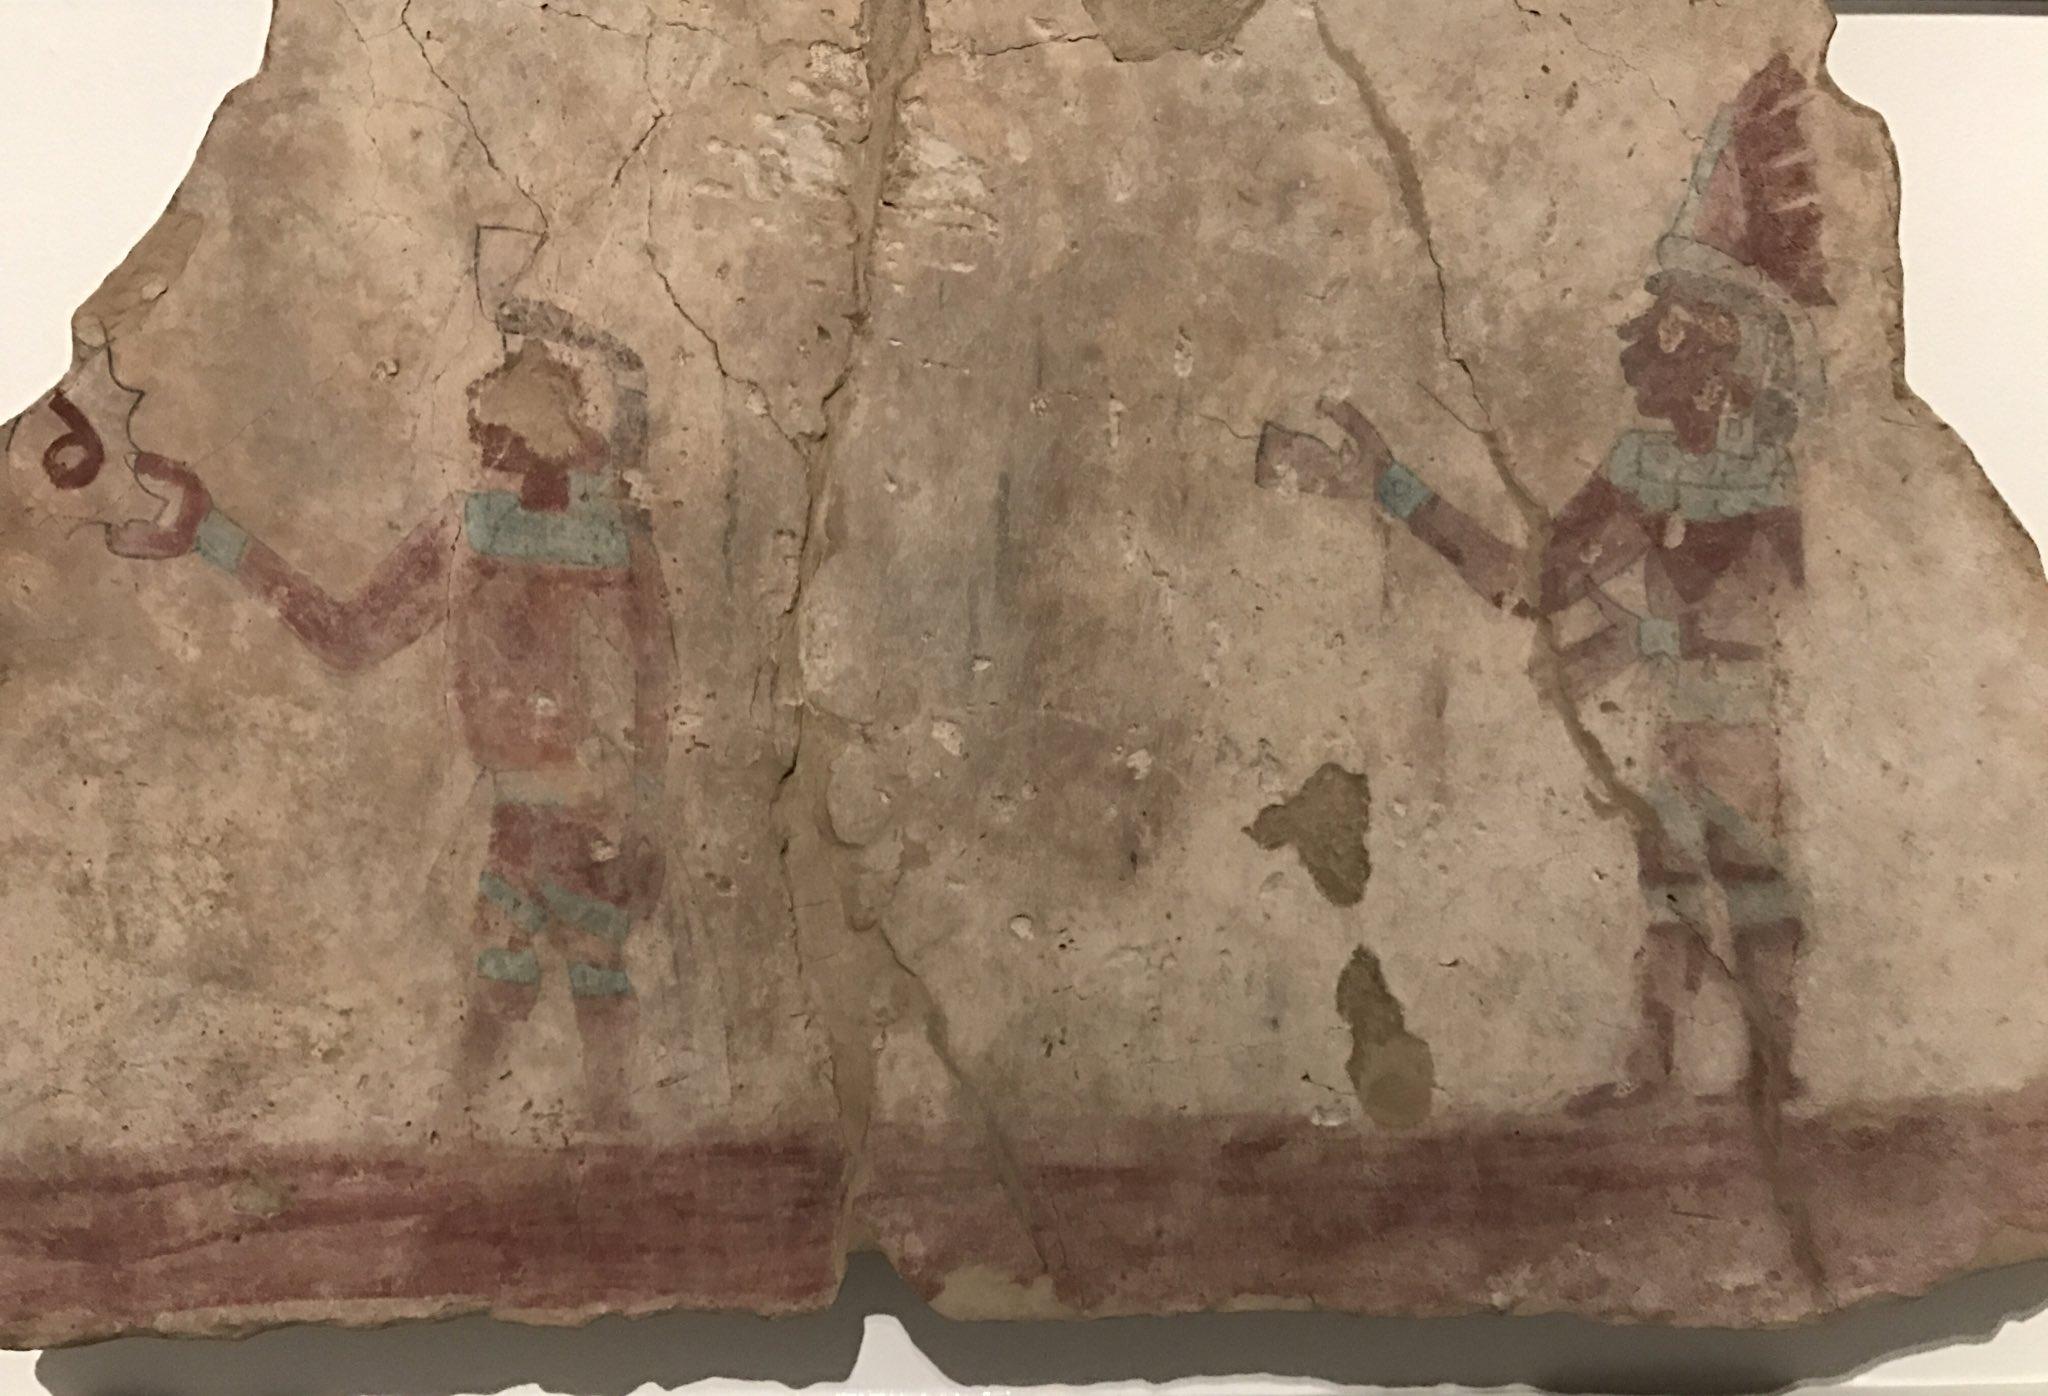 """Tlatoani_Cuauhtemoc en Twitter: """"Fragmentos de pintura mural totonaca  realizadas entre el 500 y el 900 d.C en las Higueras #Veracruz. Estas  piezas son de los pocos ejemplos existentes de arte pictórico mural"""